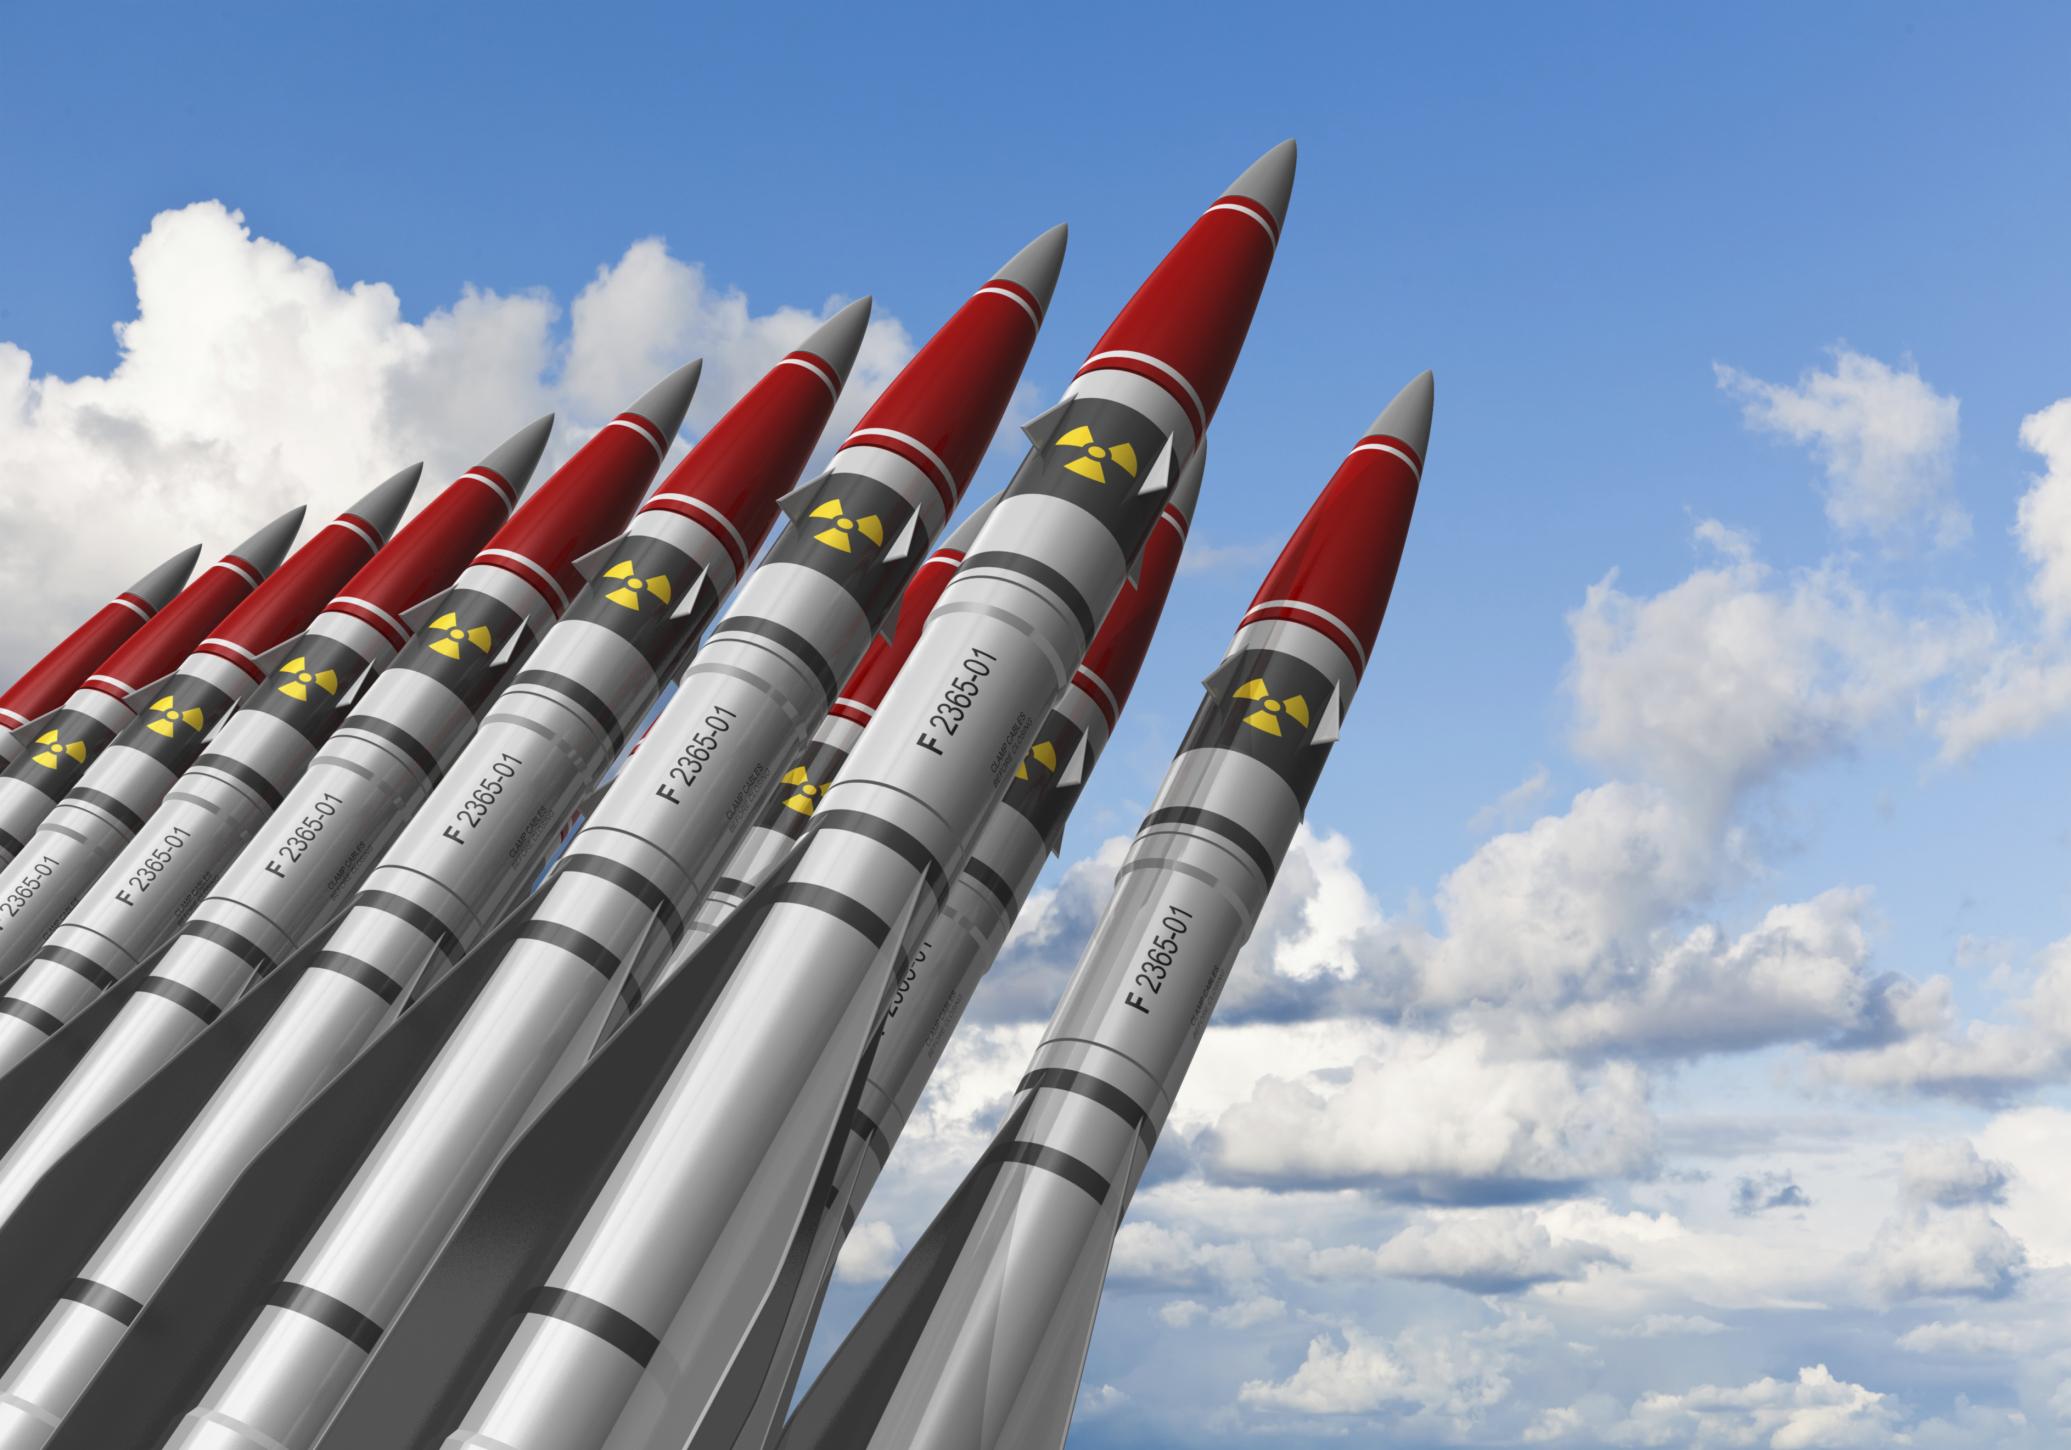 Dědictví éry jaderného šílenství: 'Pražskou smlouvu' dosud nesplnili Američané ani Rusové